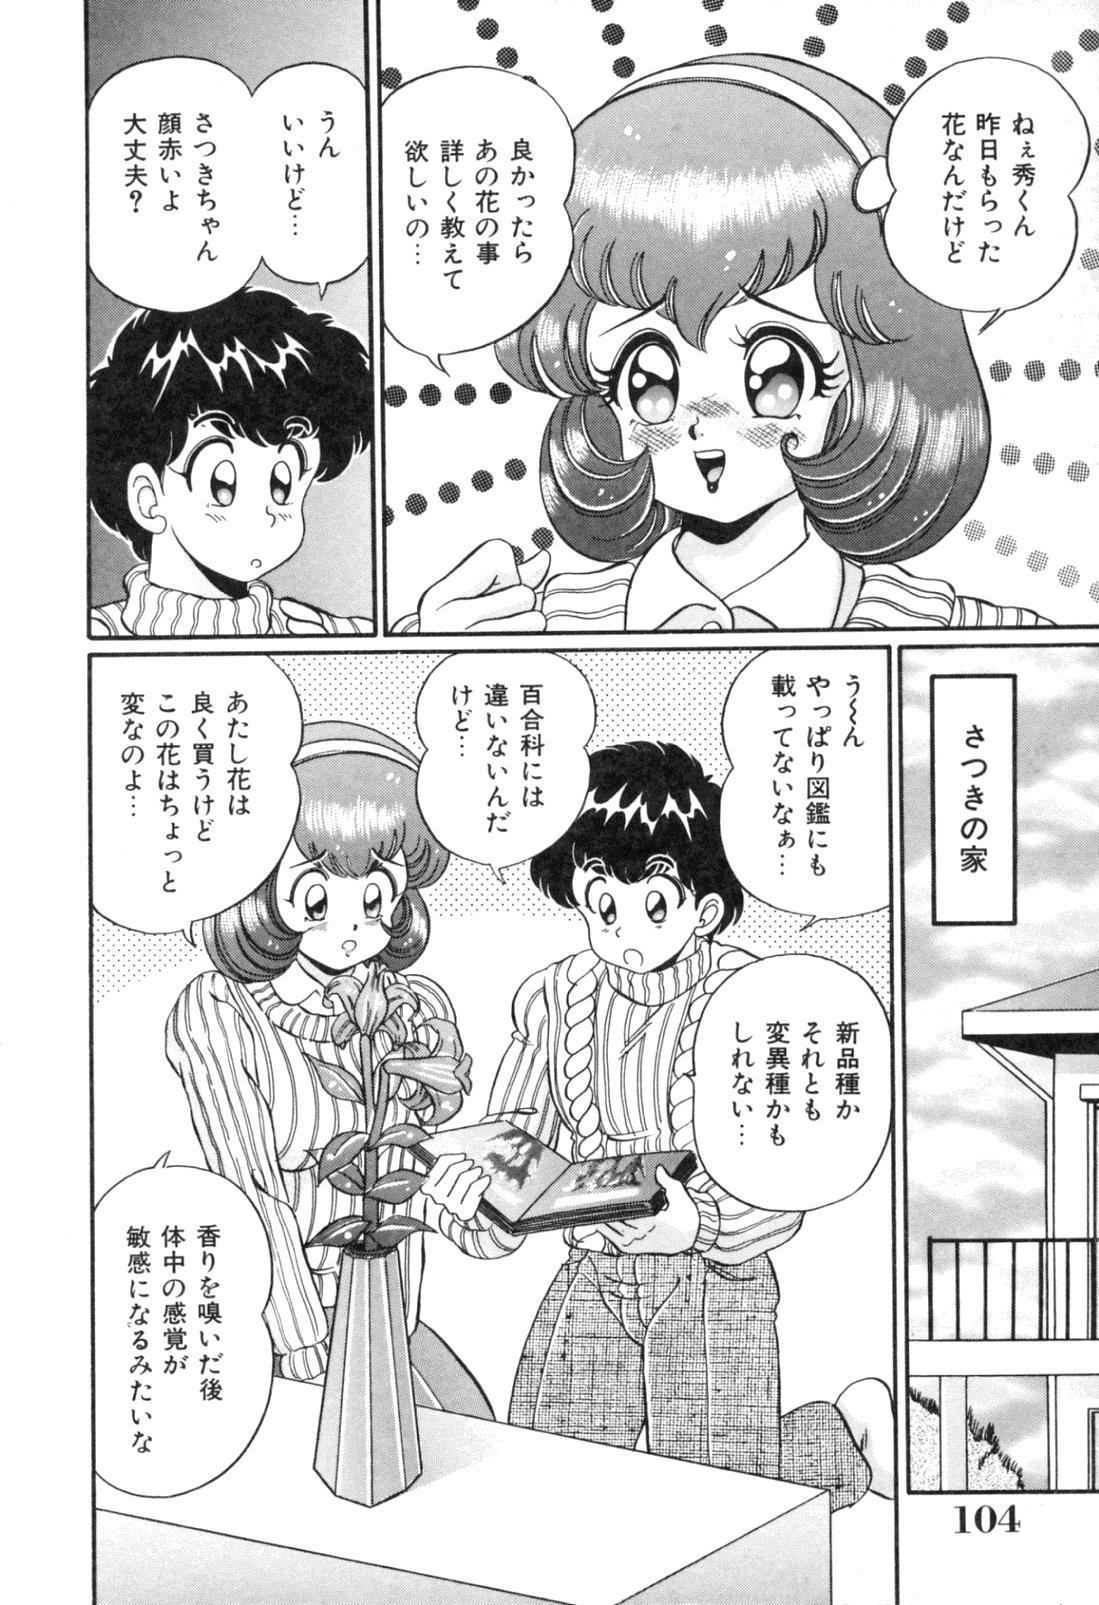 [Watanabe Wataru] Tonari no Onee-san - Sister of Neighborhood 104